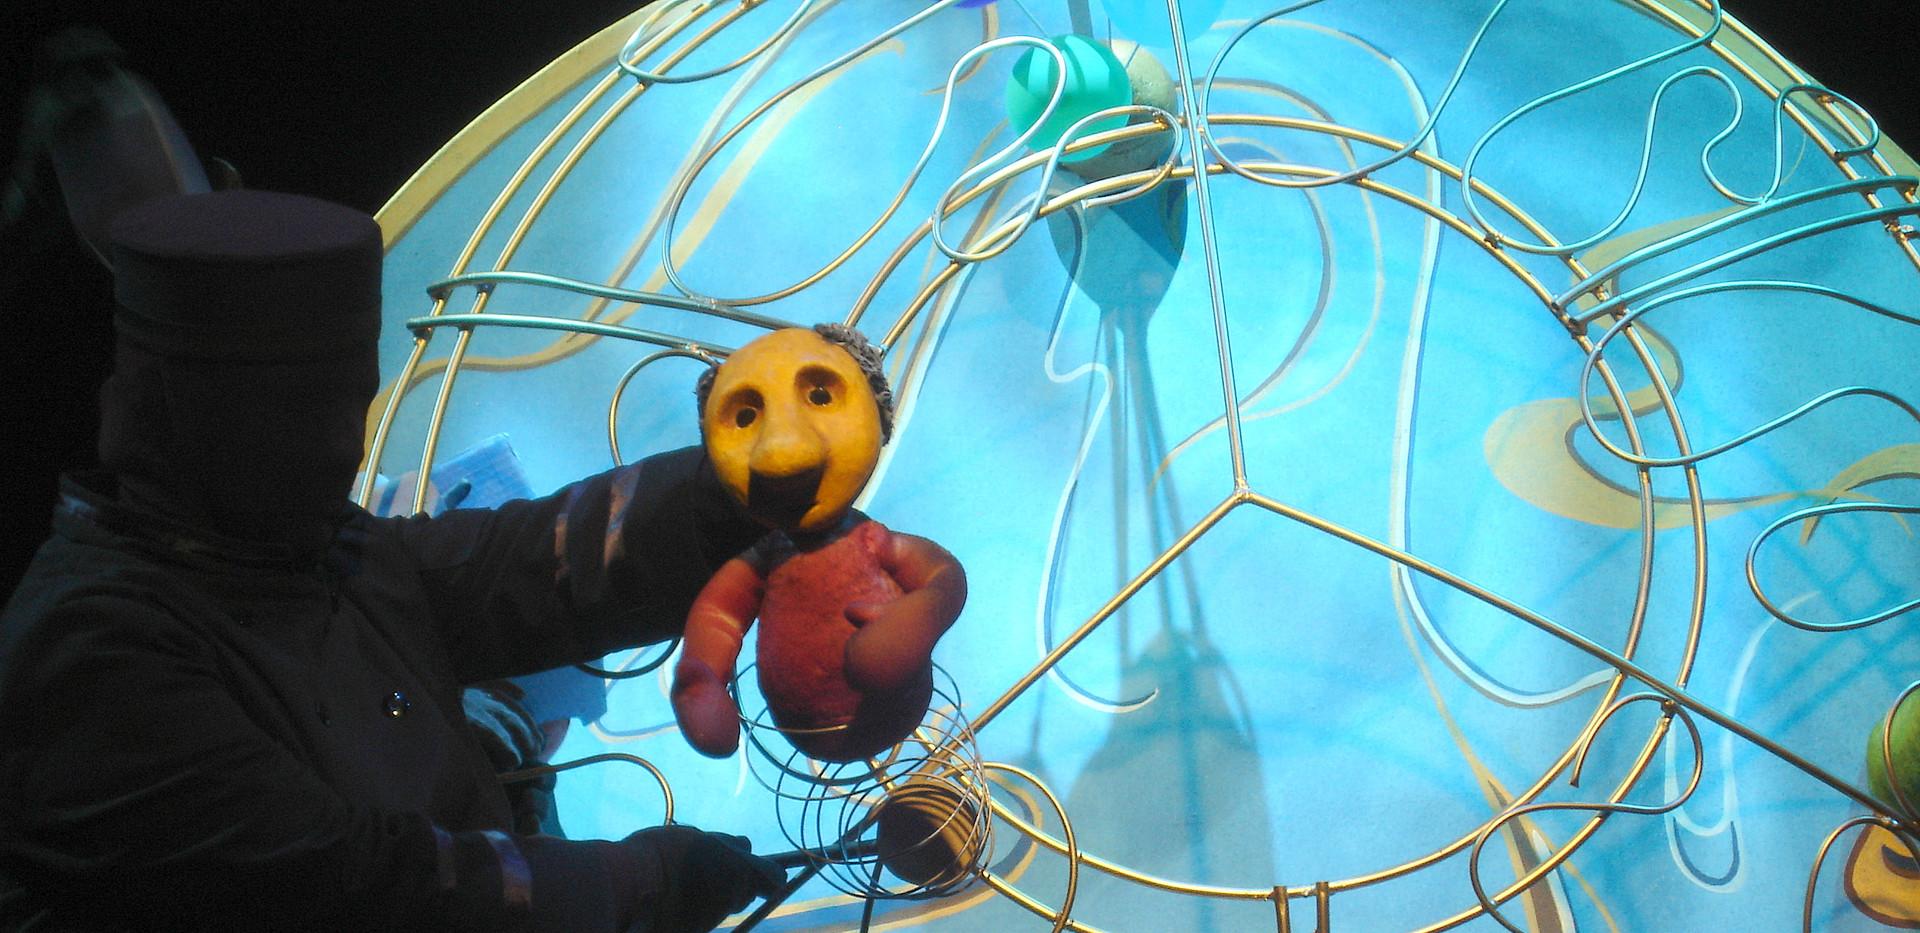 Balloon Playroom